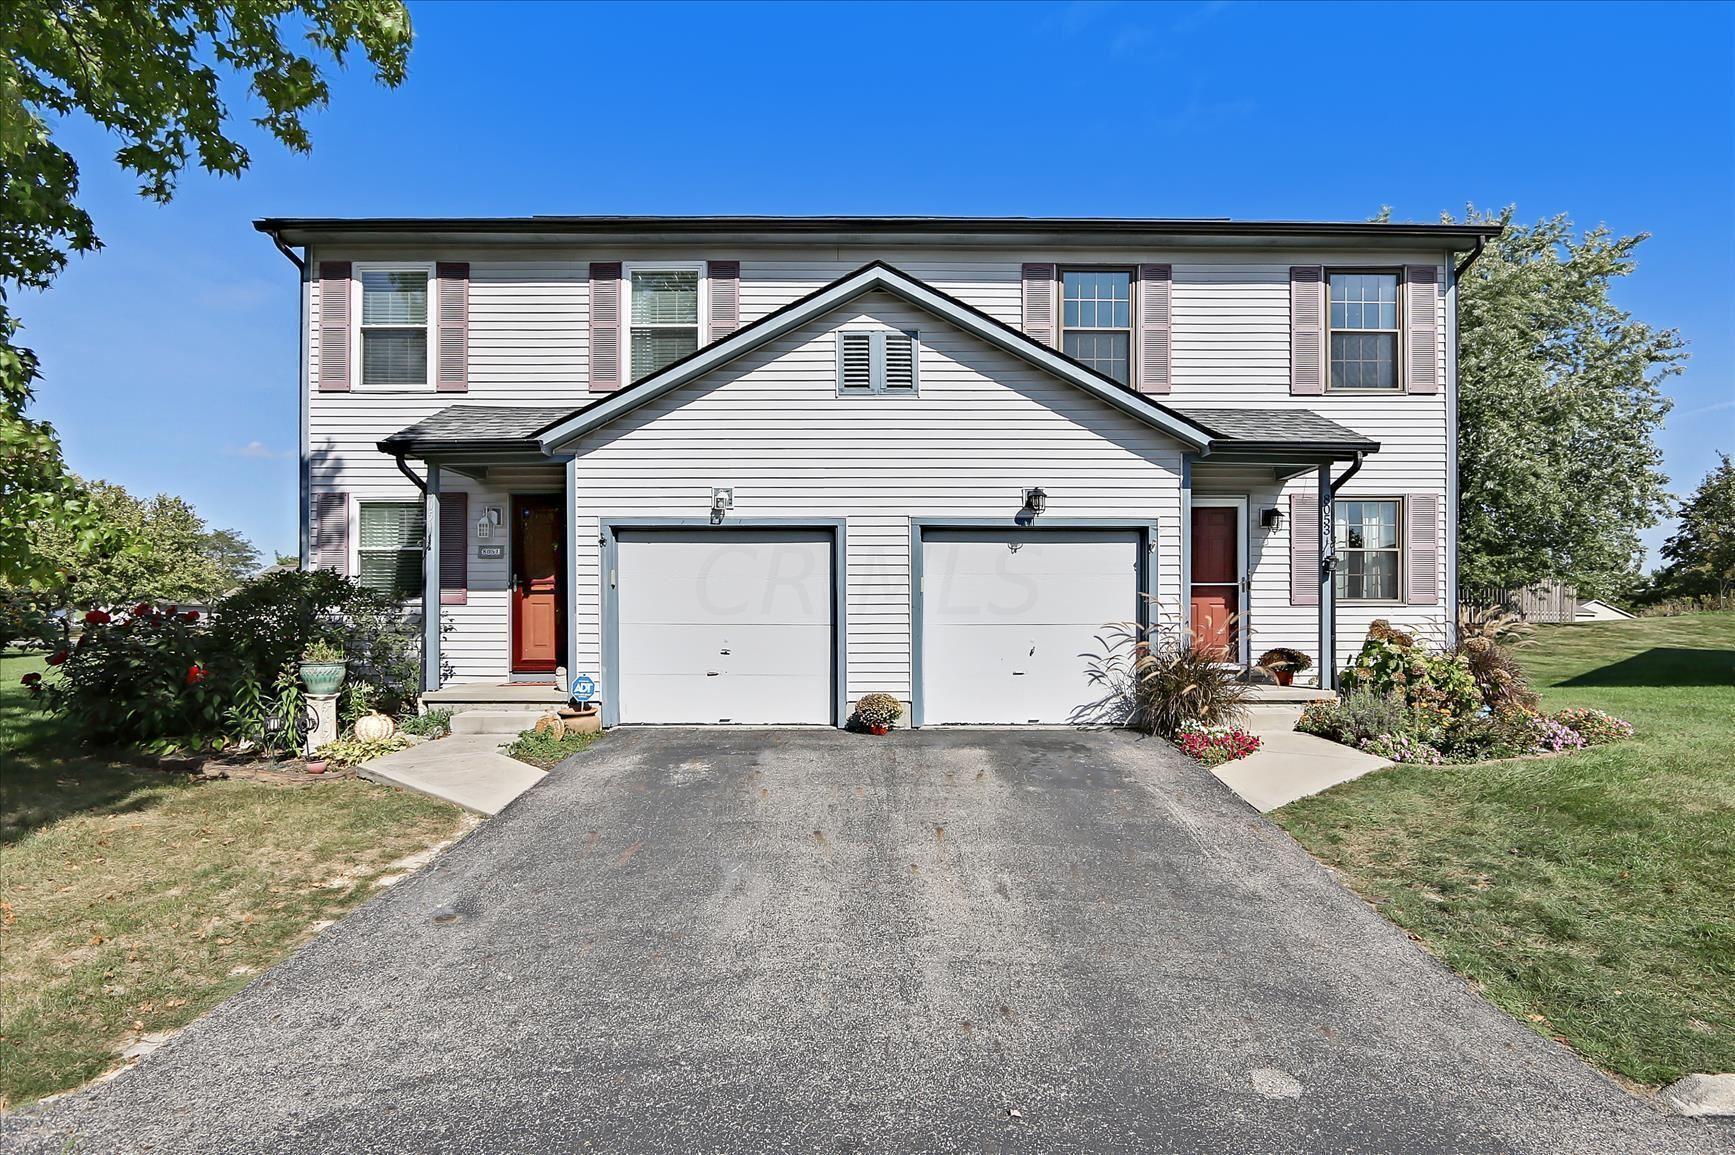 Photo of 8053 Lakeloop Drive, Westerville, OH 43081 (MLS # 221040544)